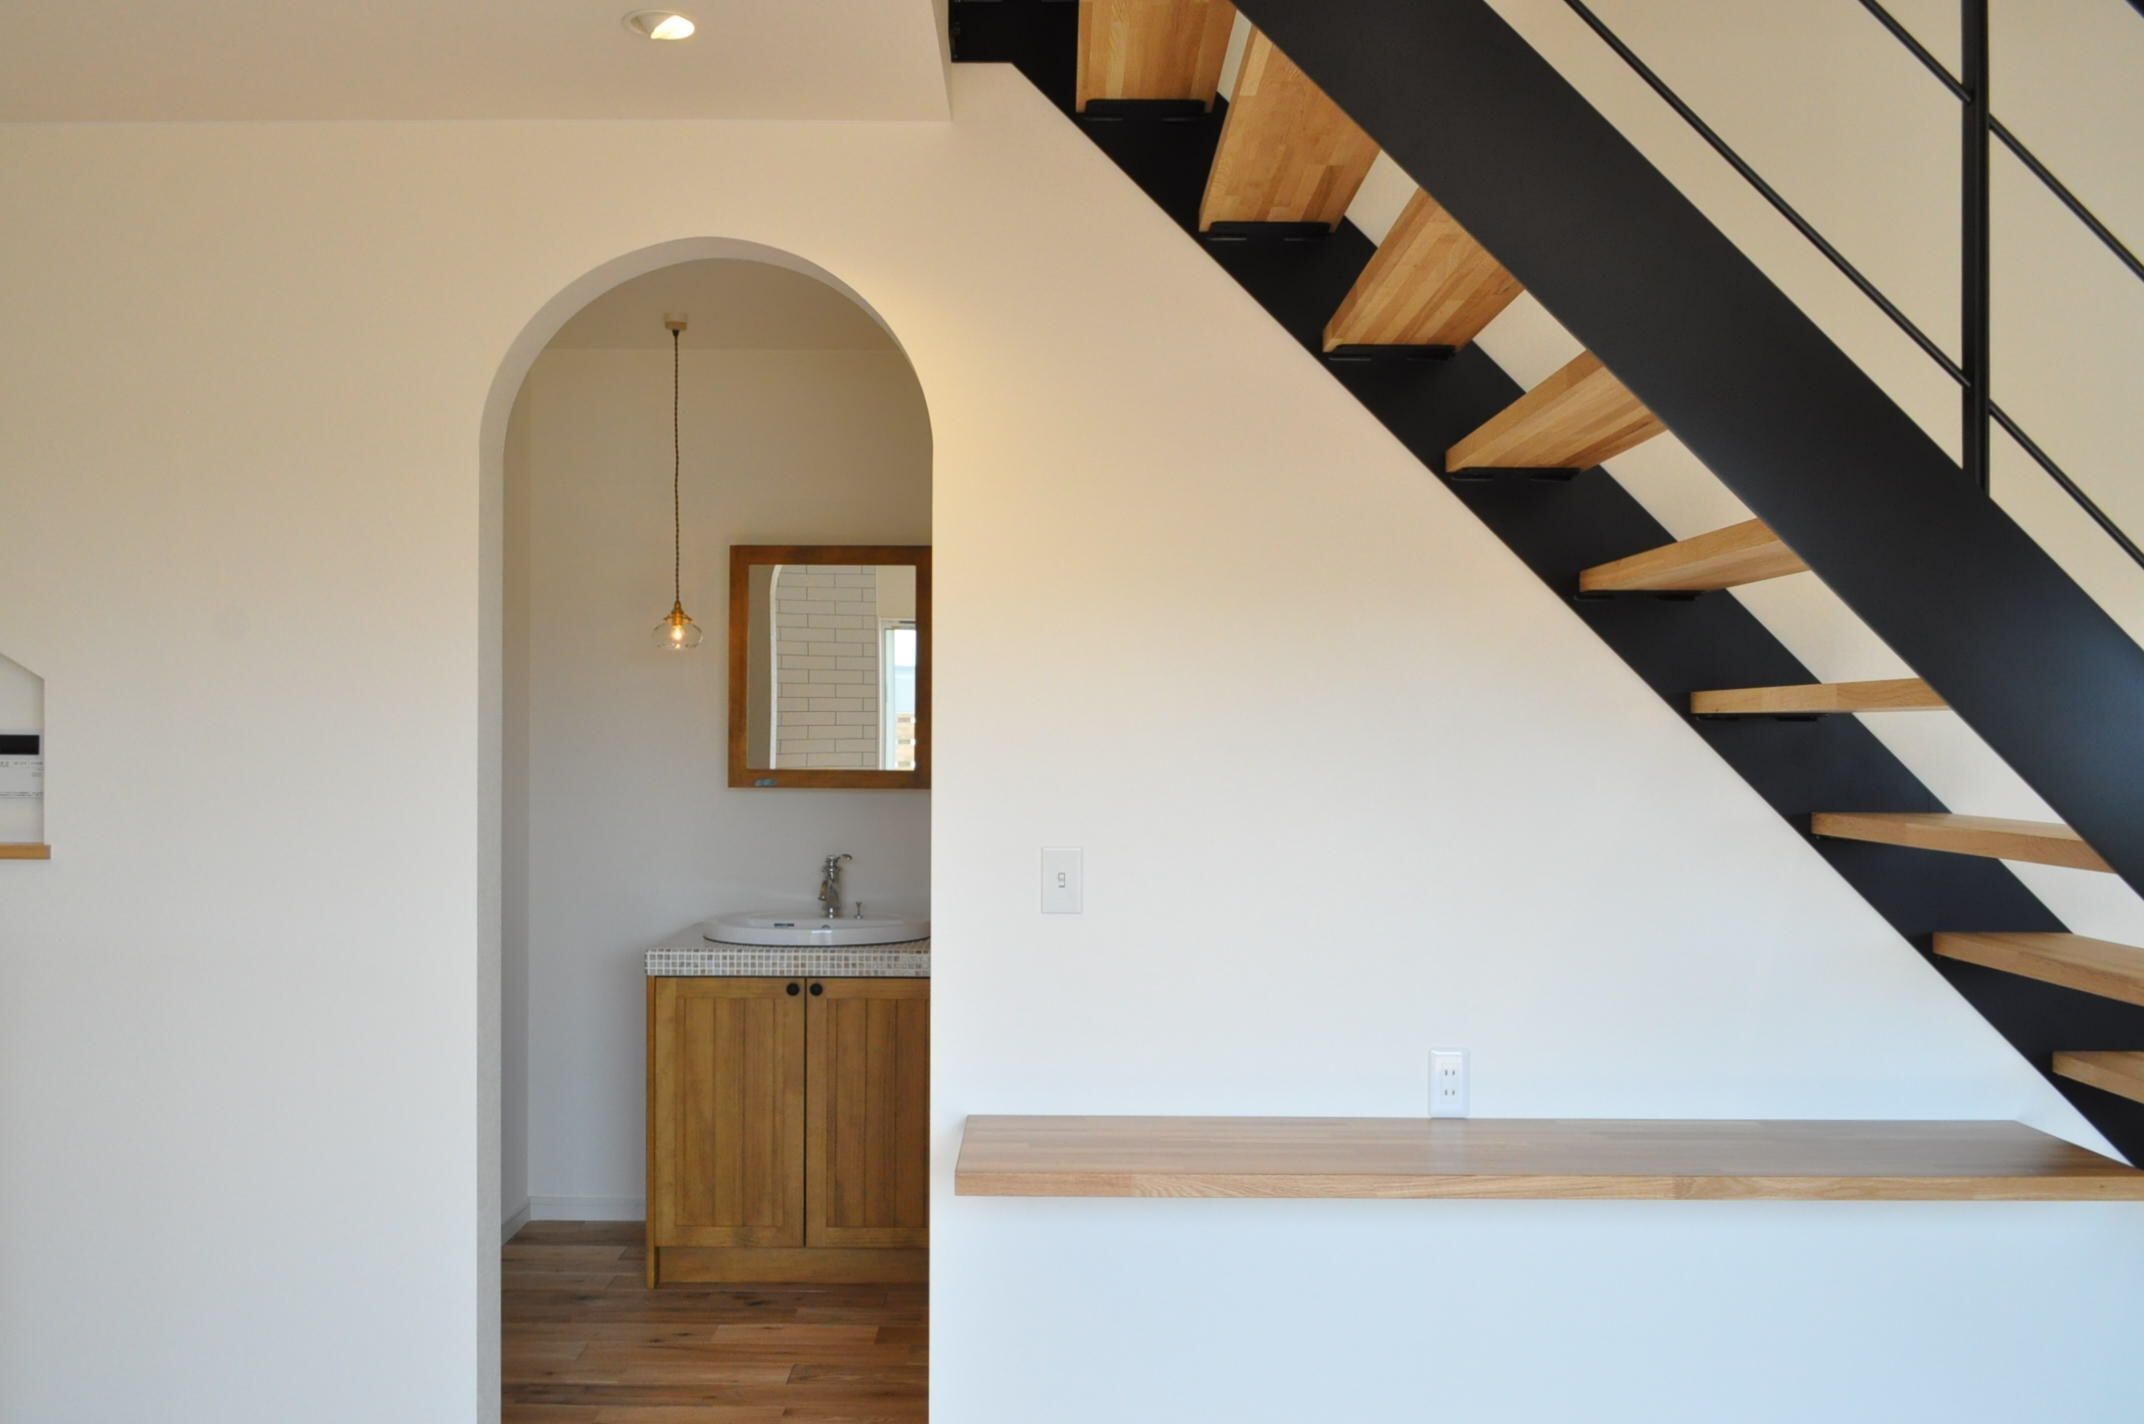 シンカ【デザイン住宅、収納力、自然素材】アーチがとってもかわいい